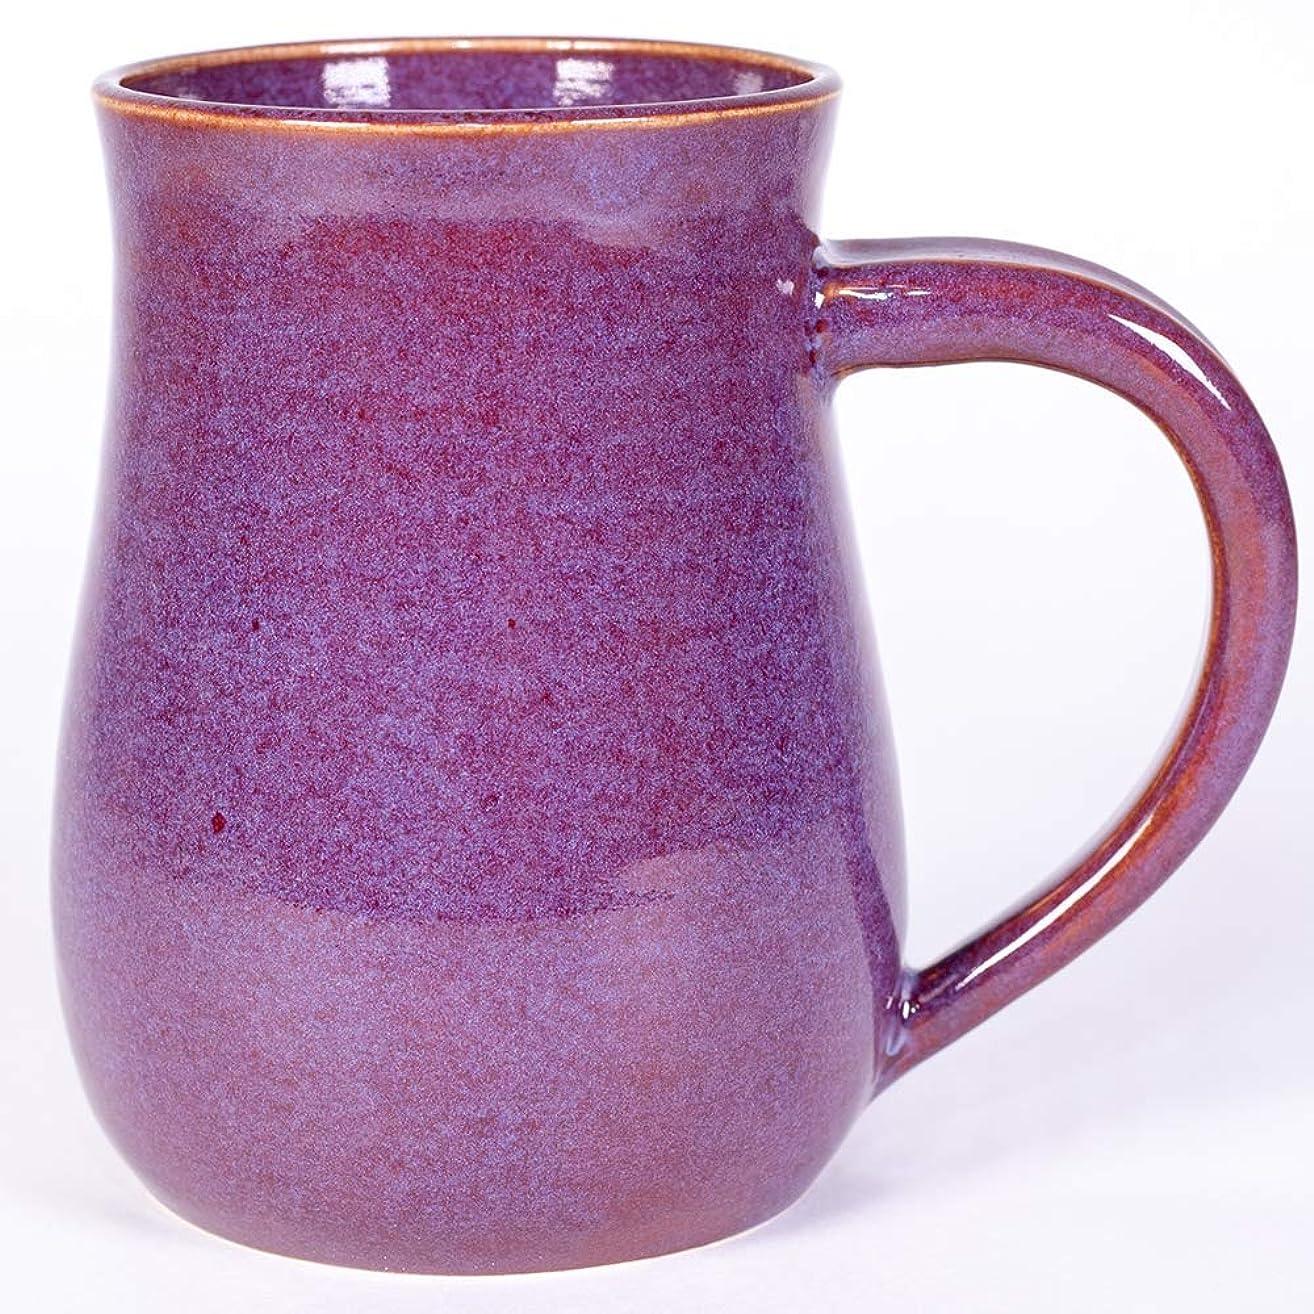 Purple/Maroon handmade pottery mug